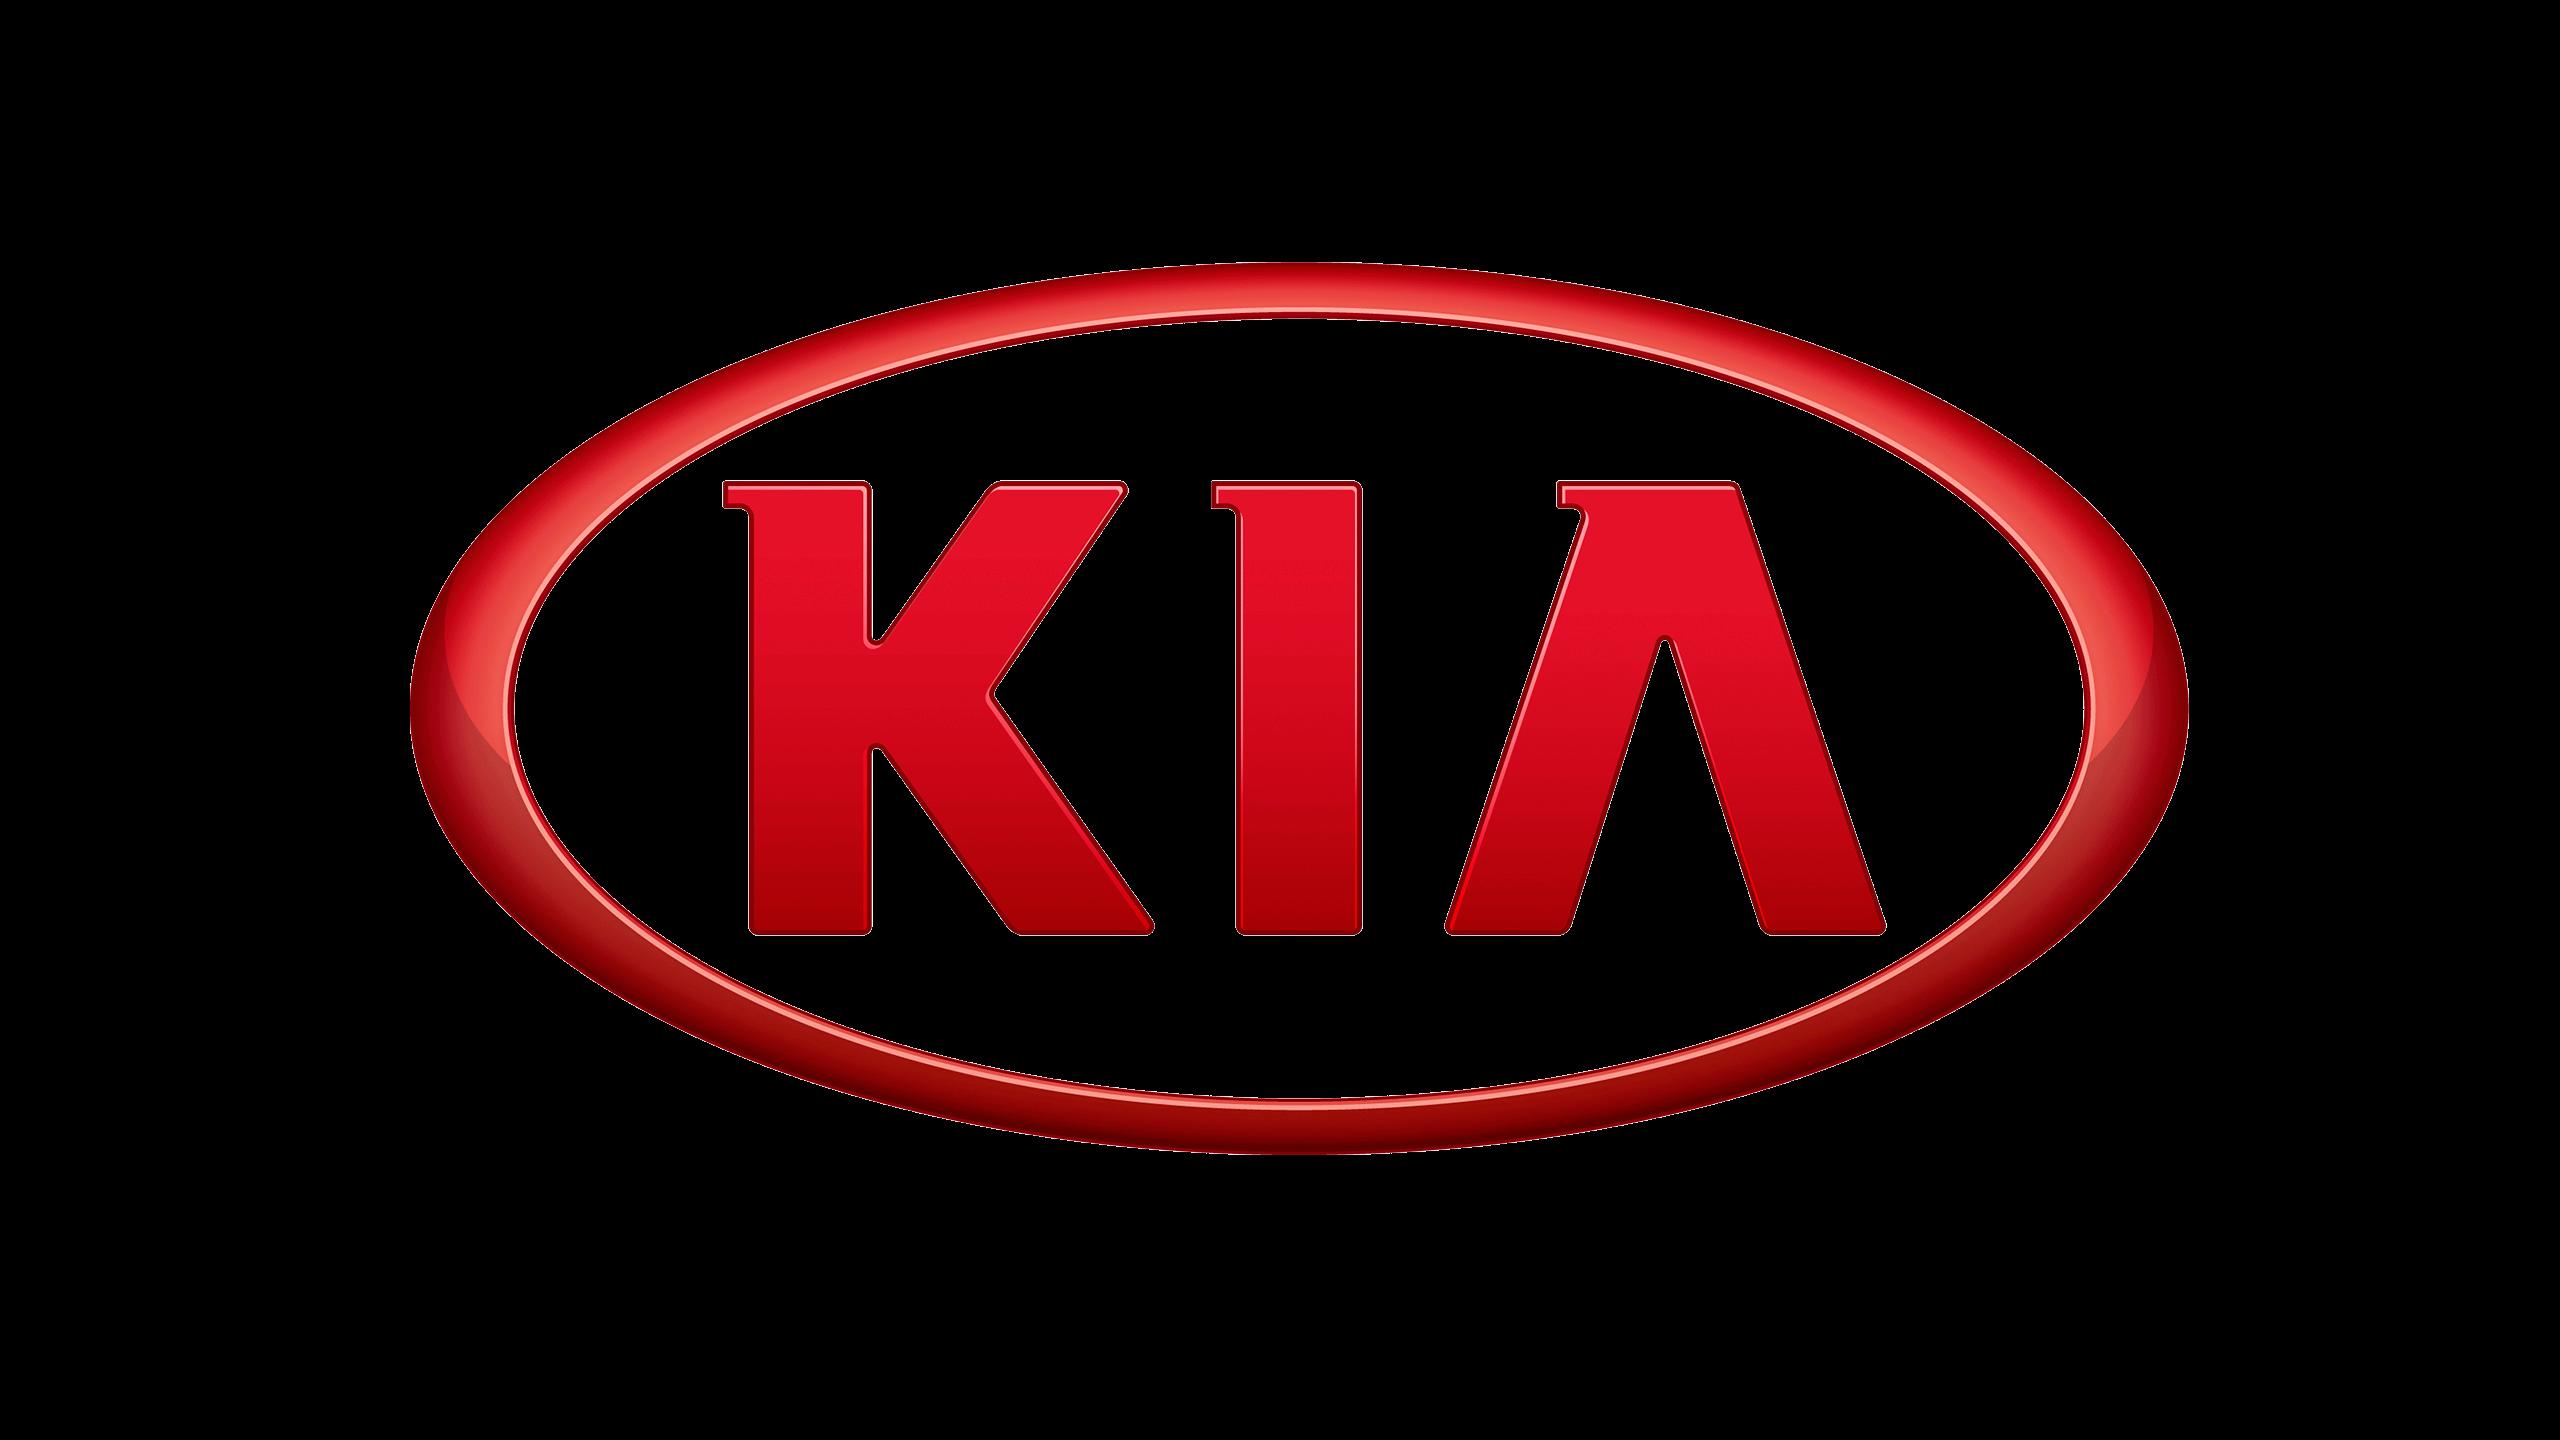 Car Logo Hyundai Transparent Png Stickpng